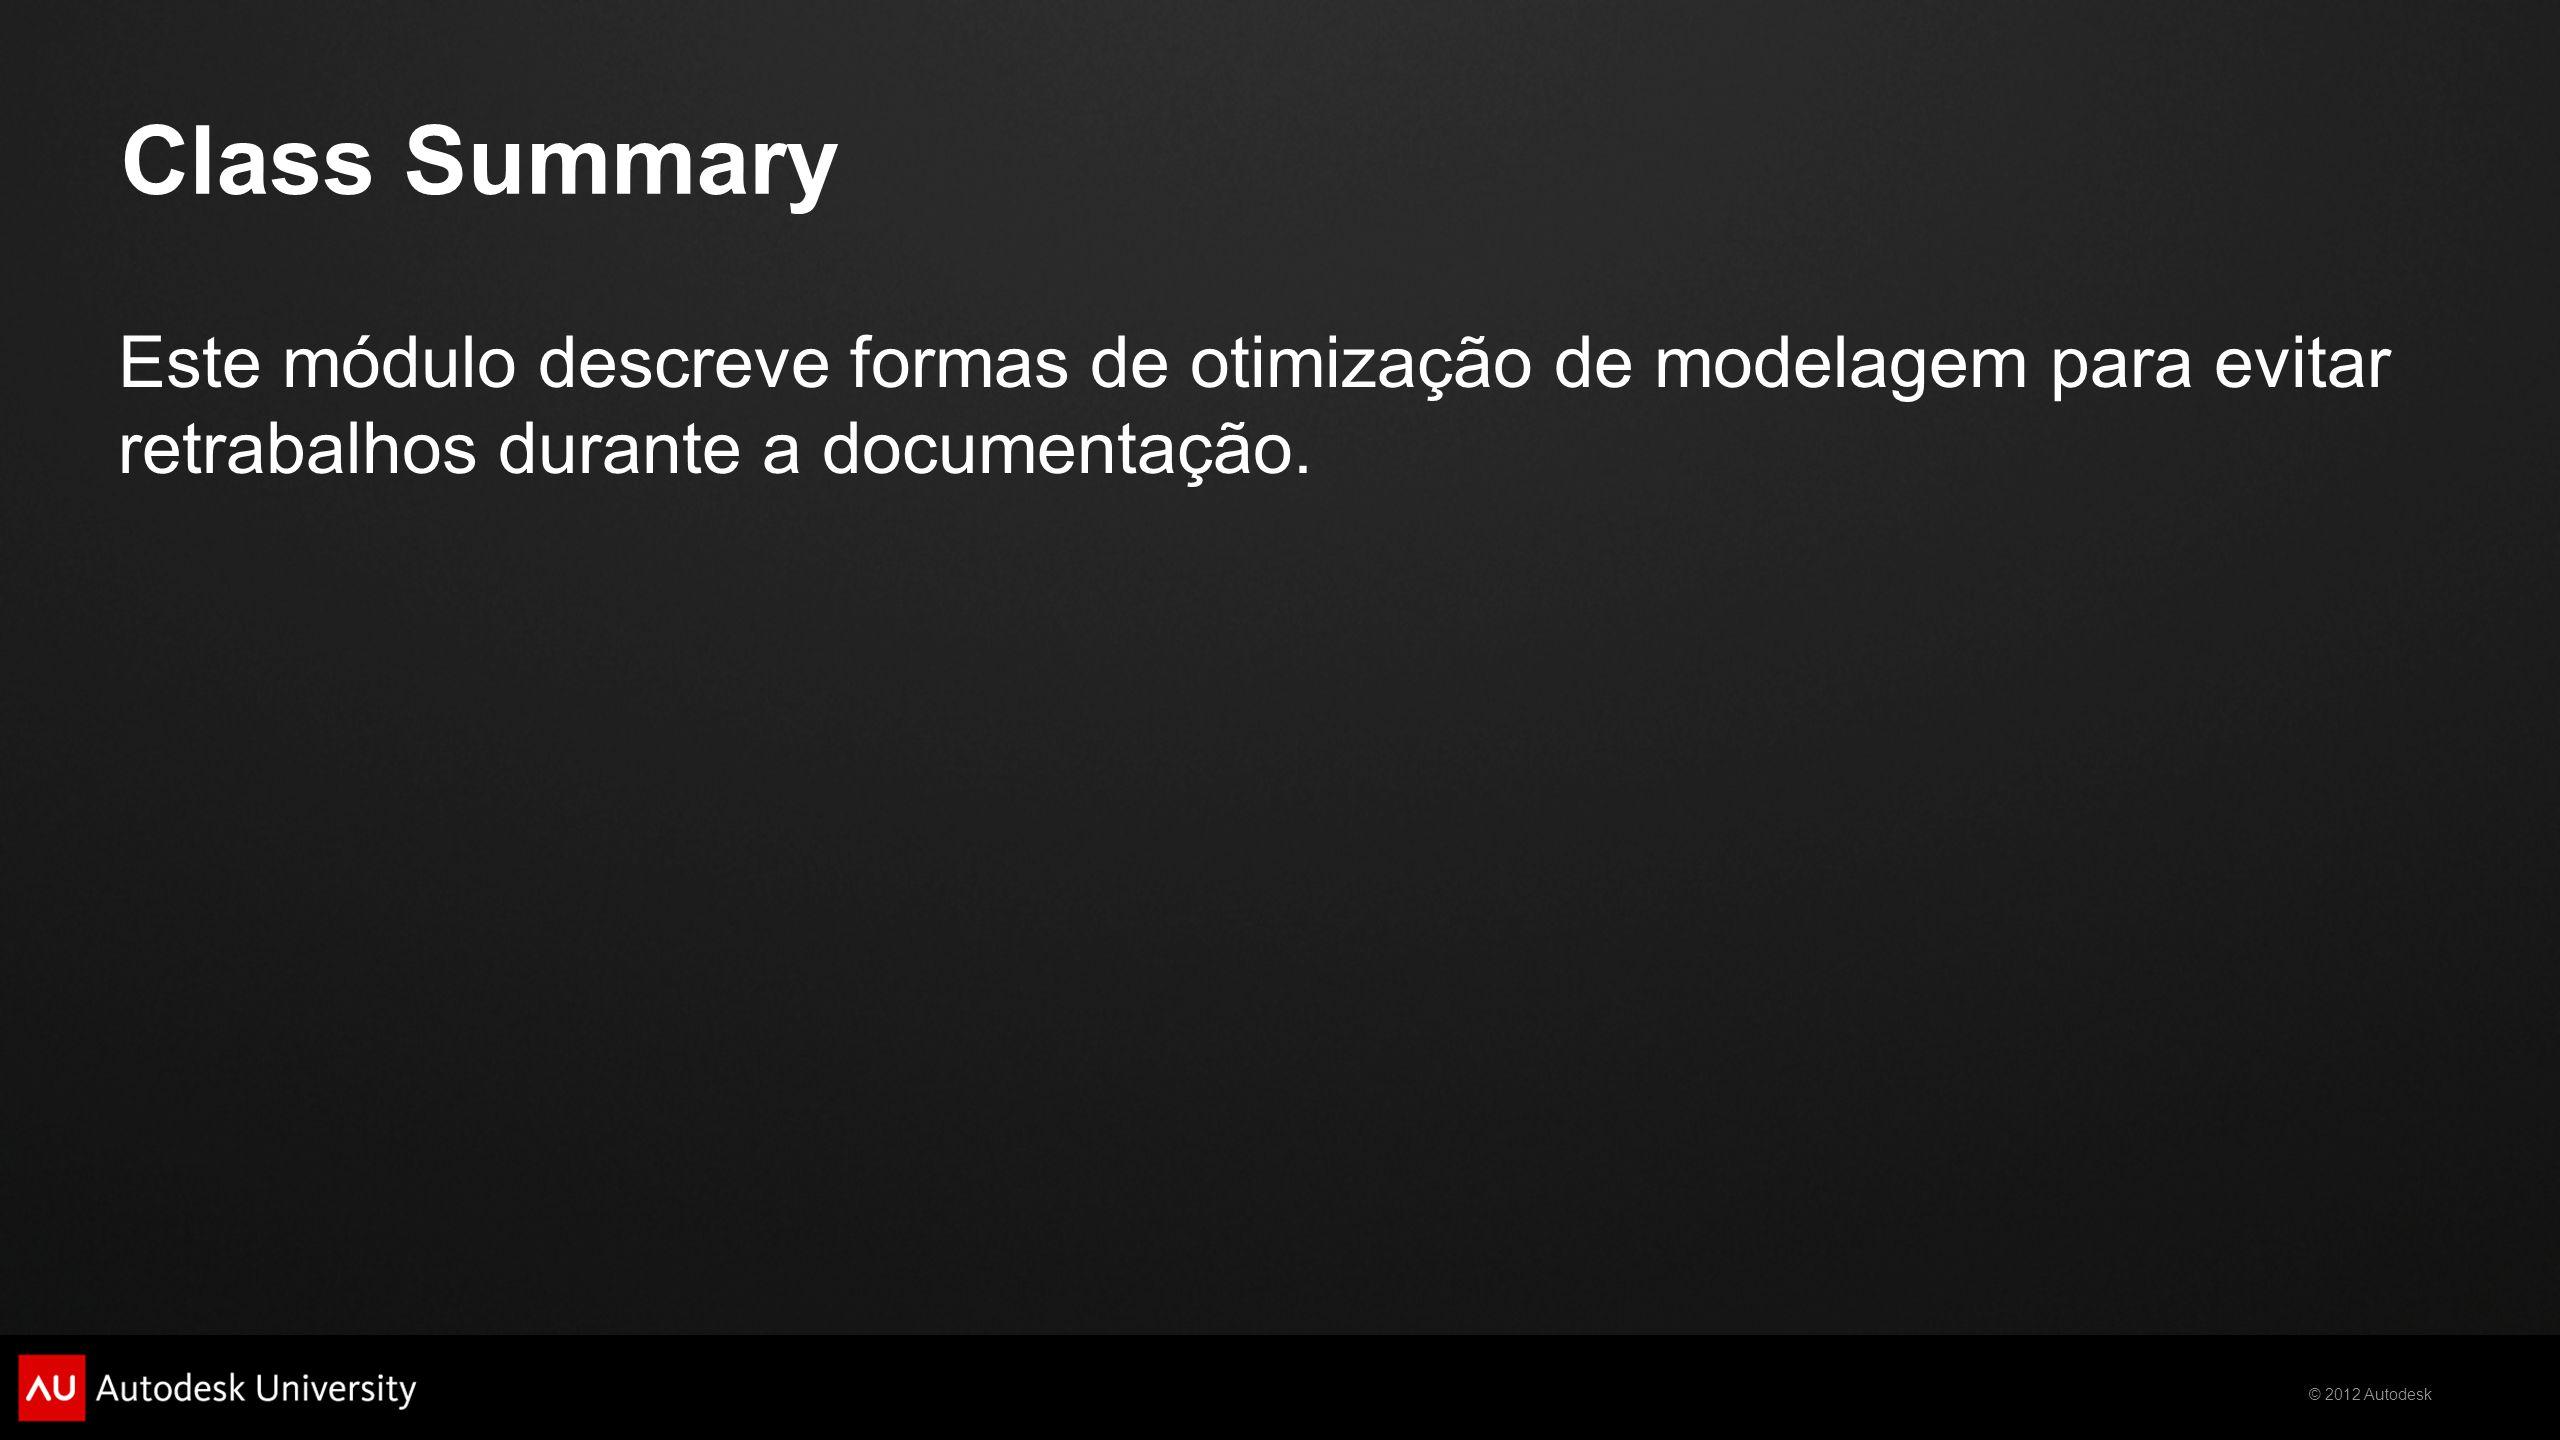 © 2012 Autodesk Class Summary Este módulo descreve formas de otimização de modelagem para evitar retrabalhos durante a documentação.